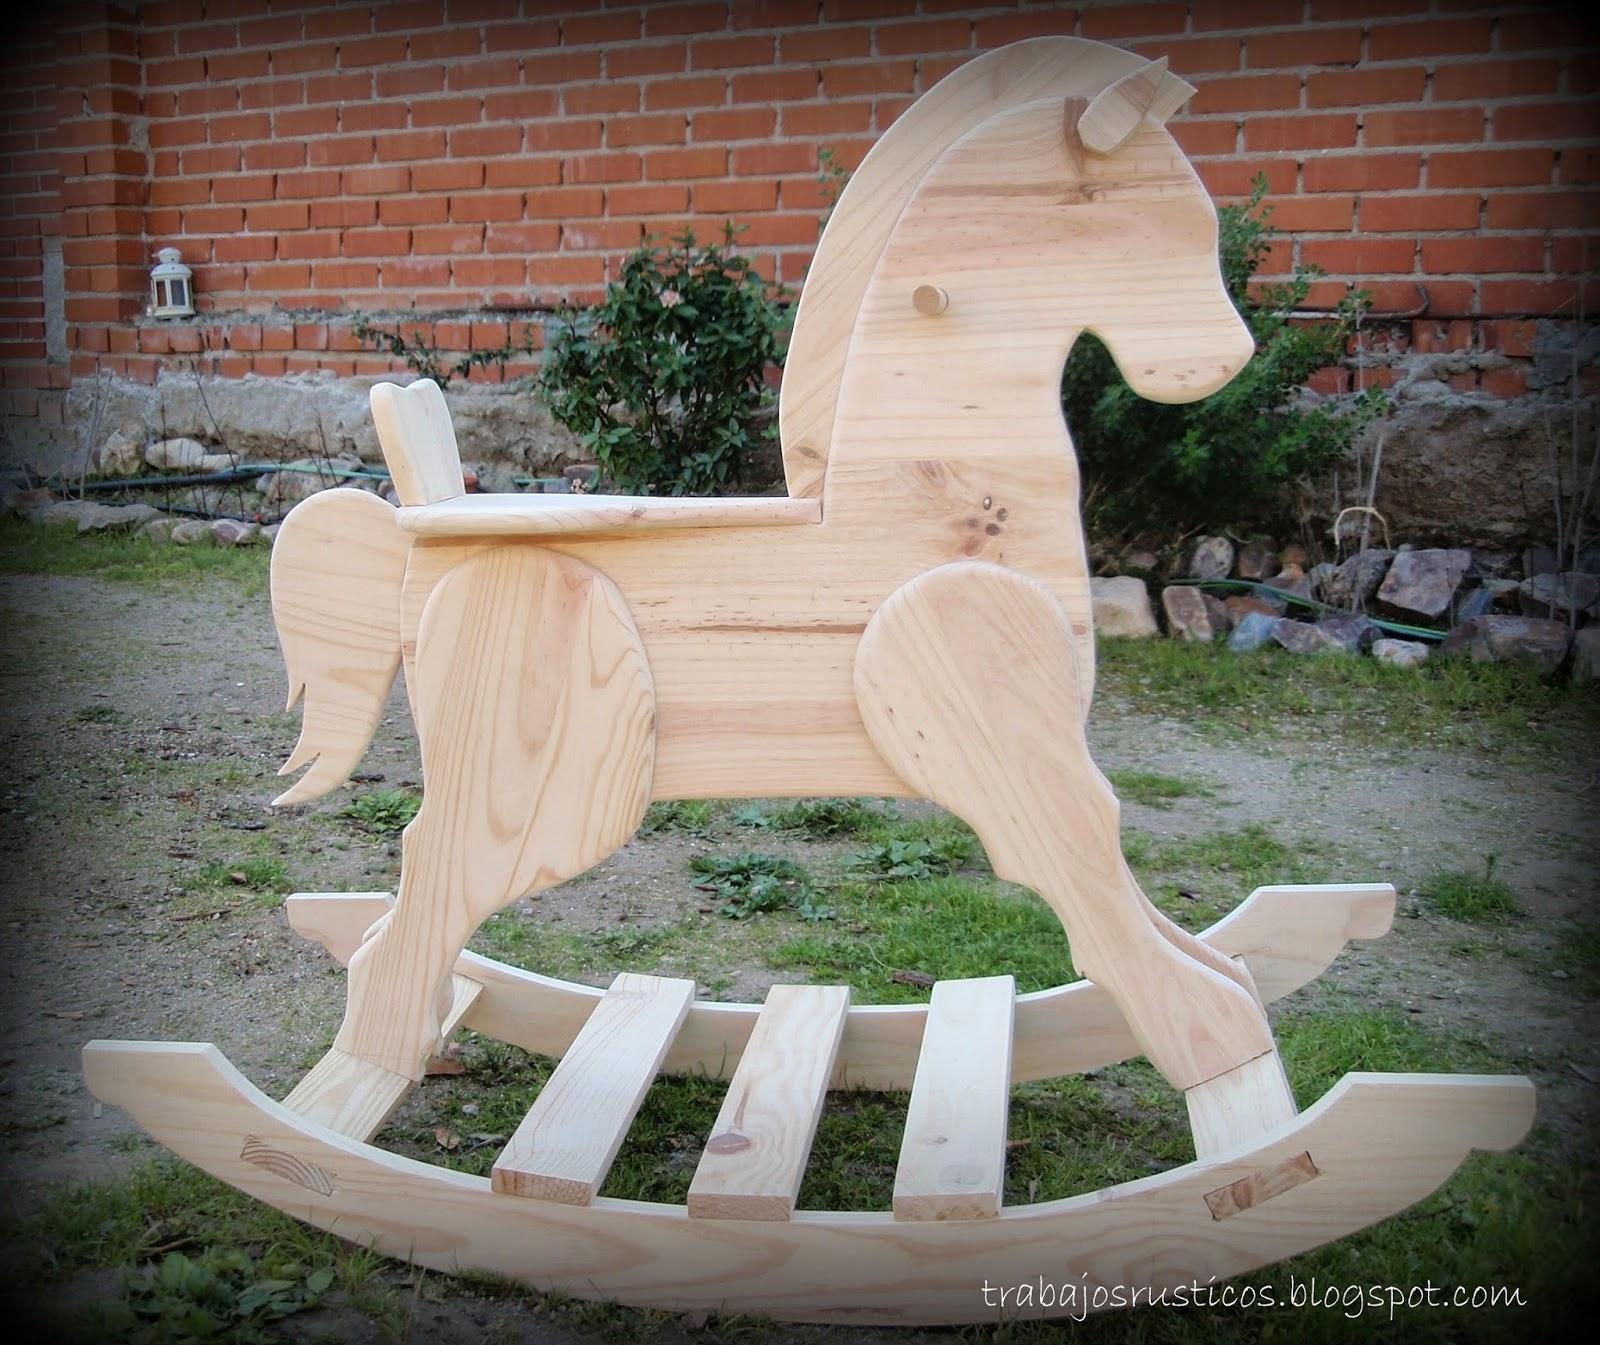 Trabajos r sticos caballo balanc n - Caballito de madera ikea ...